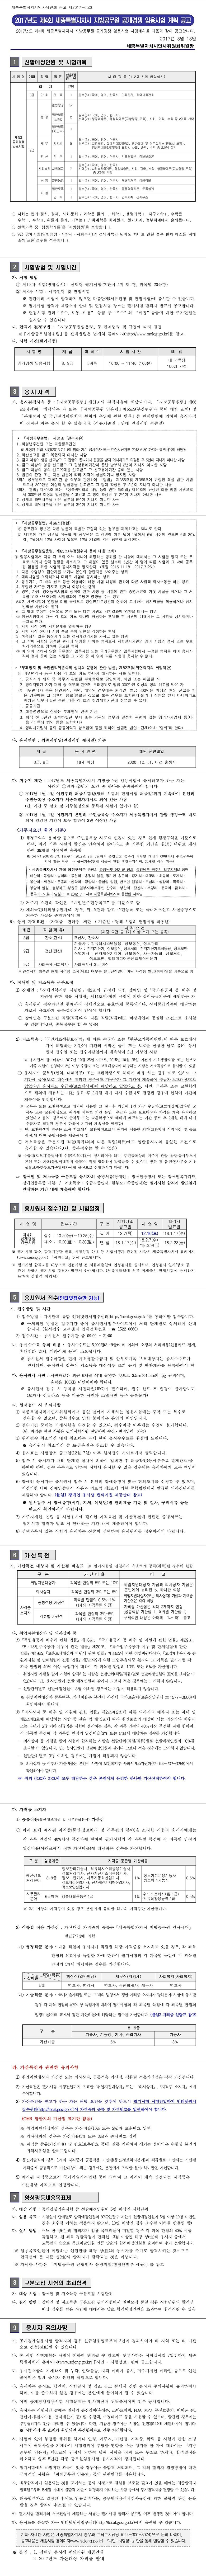 2017 제4회 세종시 지방공무원(8,9급) 공개경쟁 임용시험 계획 공고(~10.25)